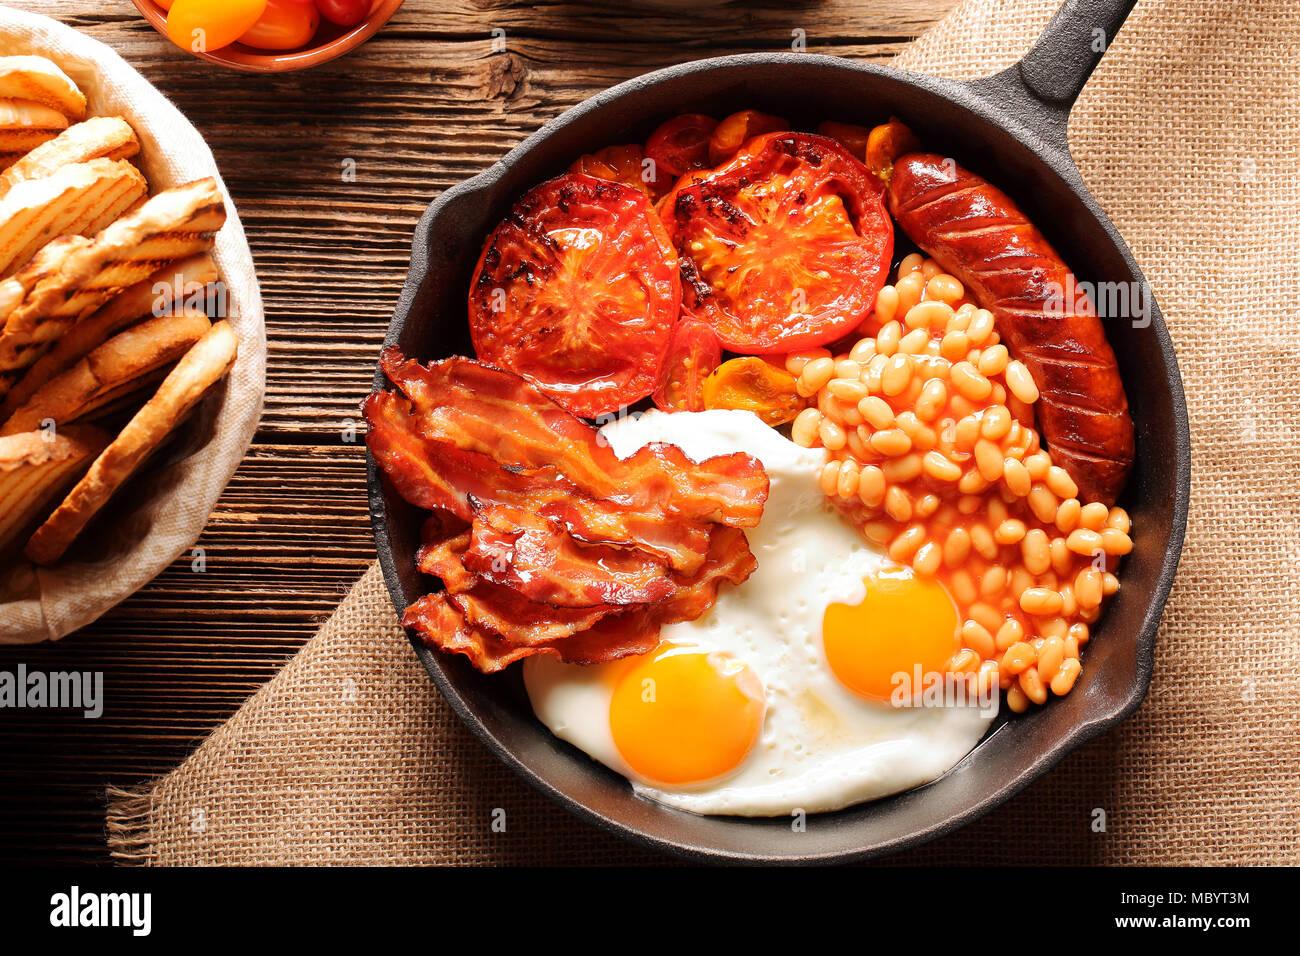 Desayuno inglés con salchichas, tomates asados, huevos, tocino, los frijoles y el pan en la sartén. Imagen De Stock